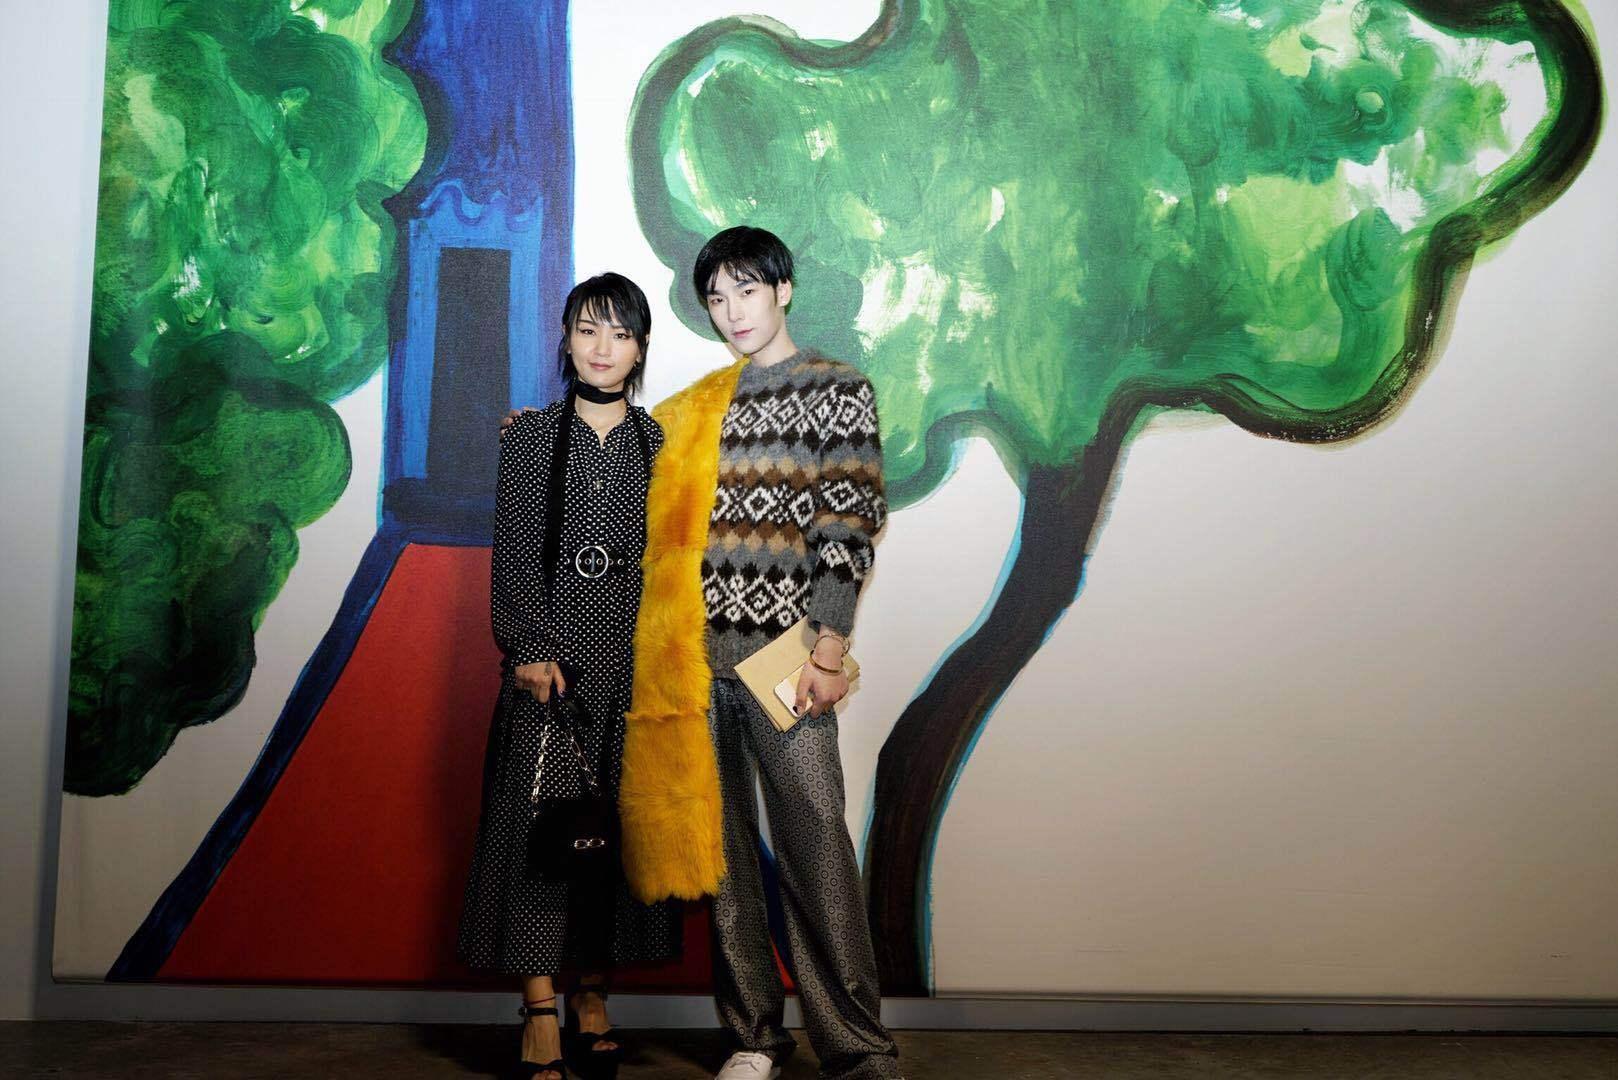 王泽宇亮相纽约时装周 简约搭配显优雅气质